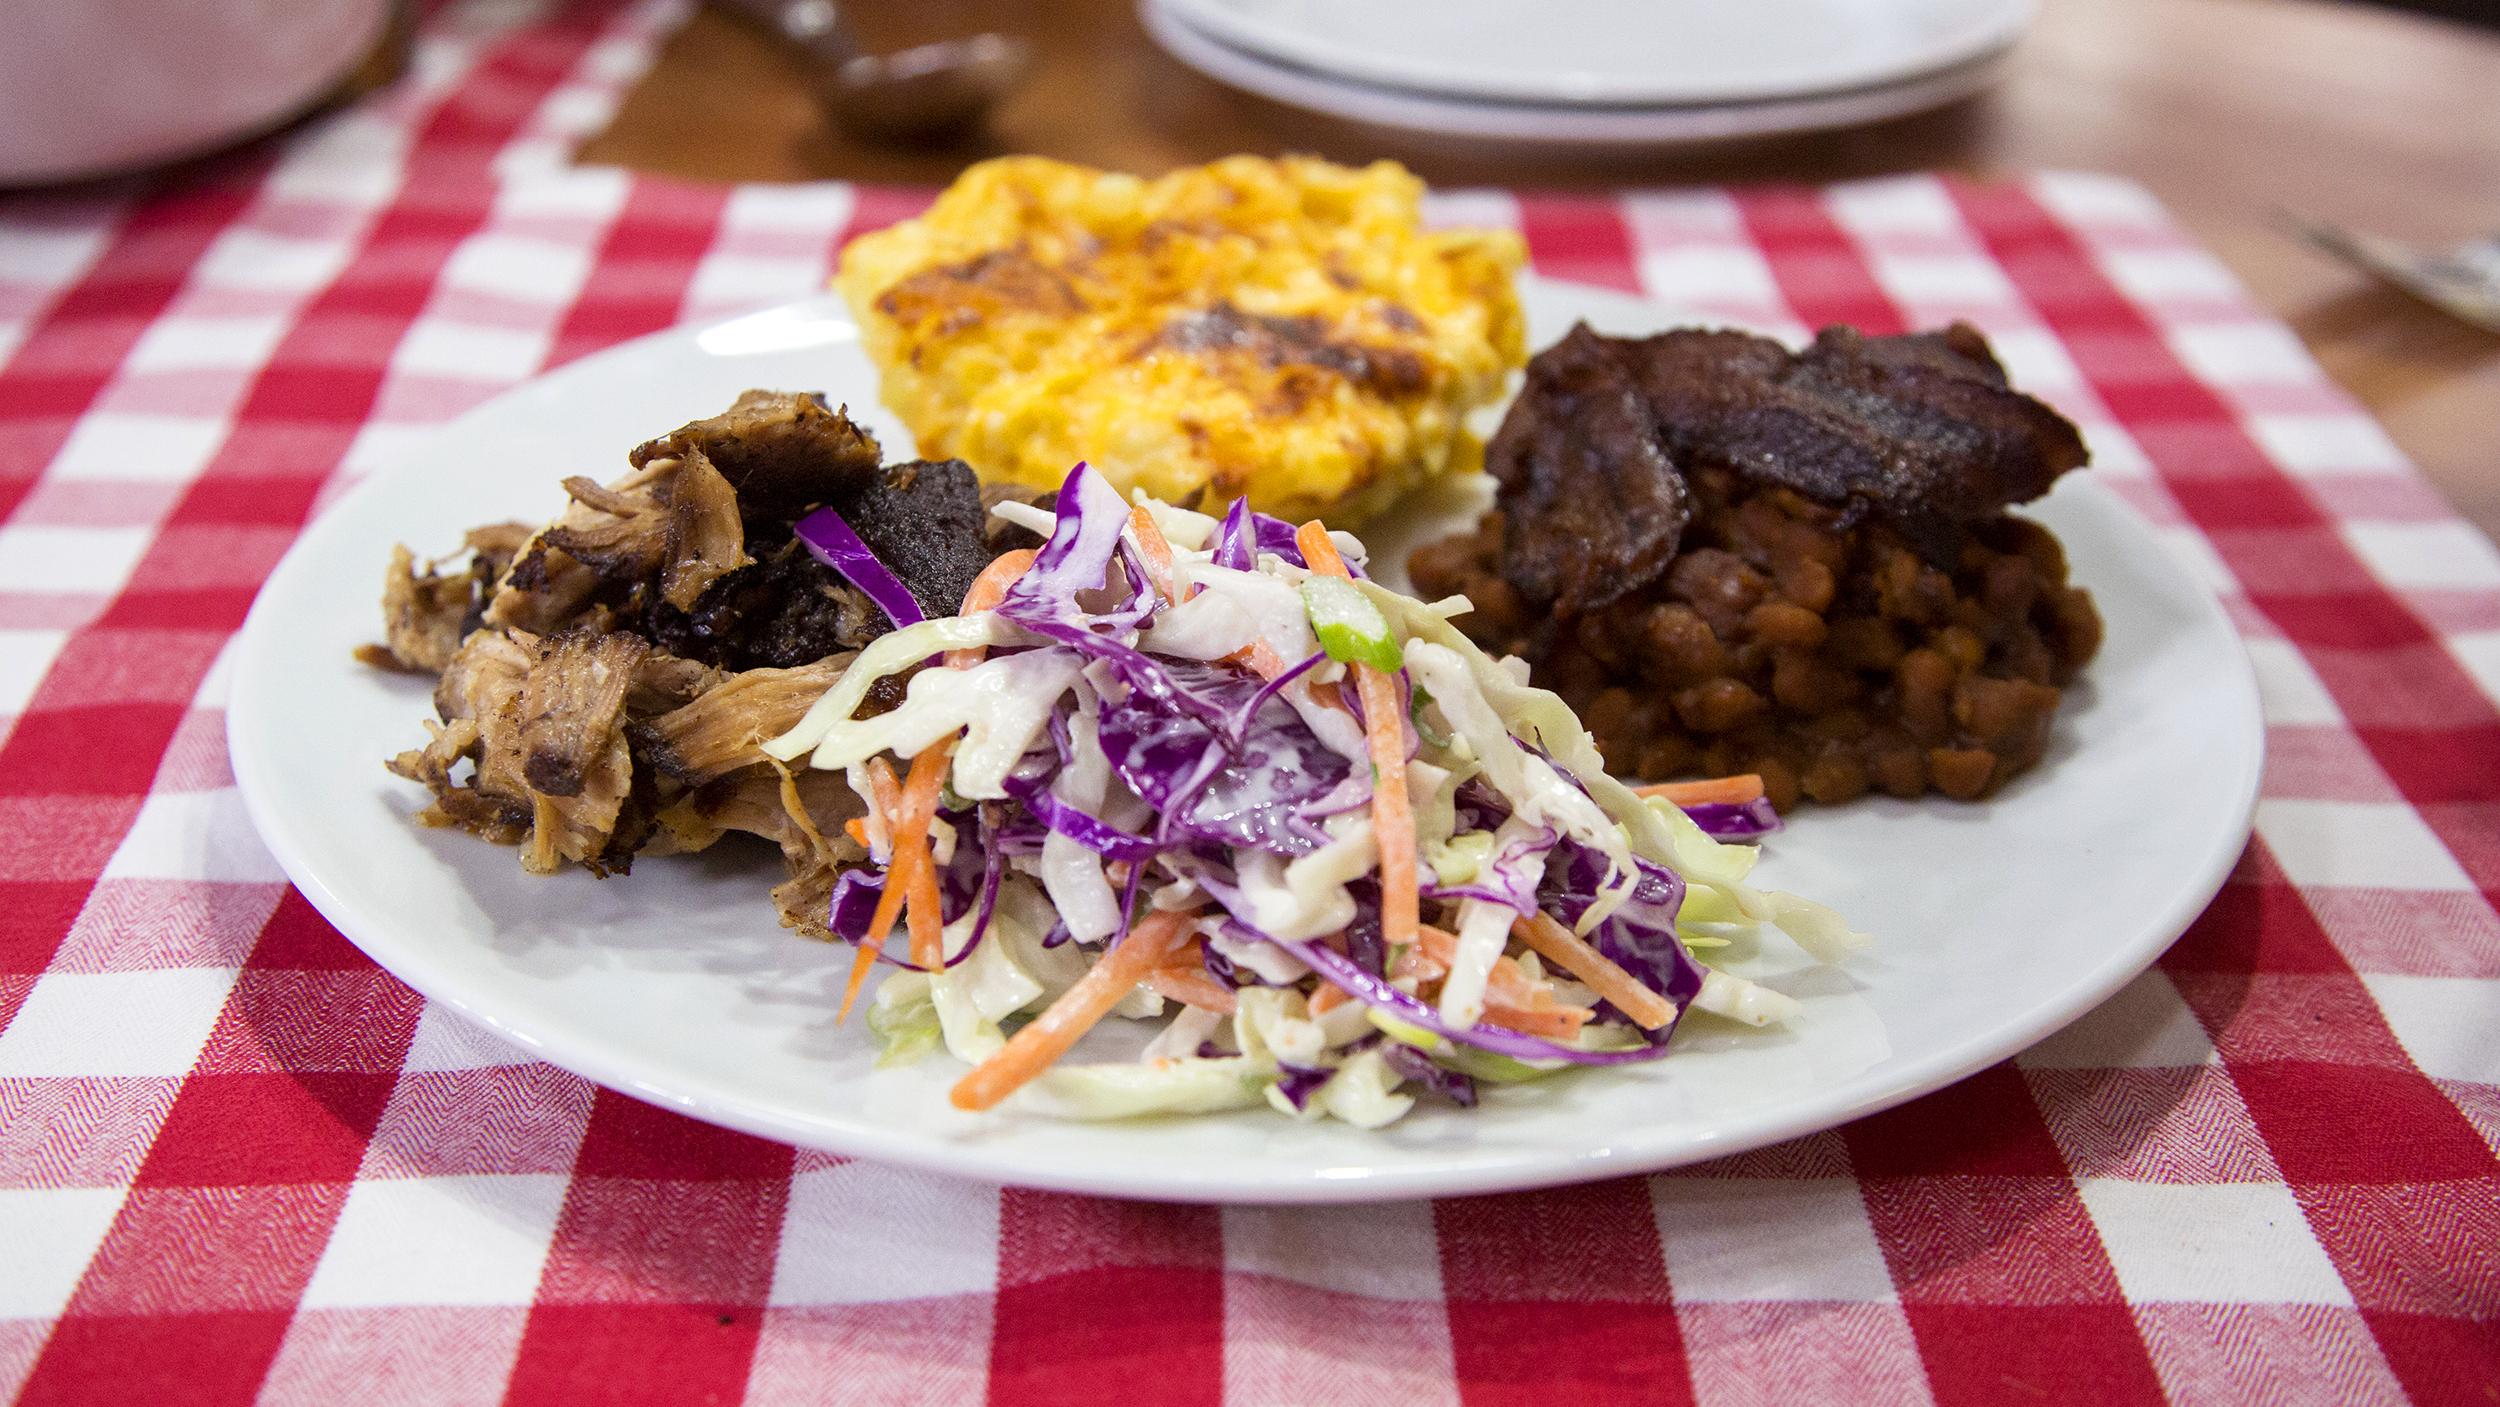 Al Roker's Chicken Wings | Recipes | LuckySamples